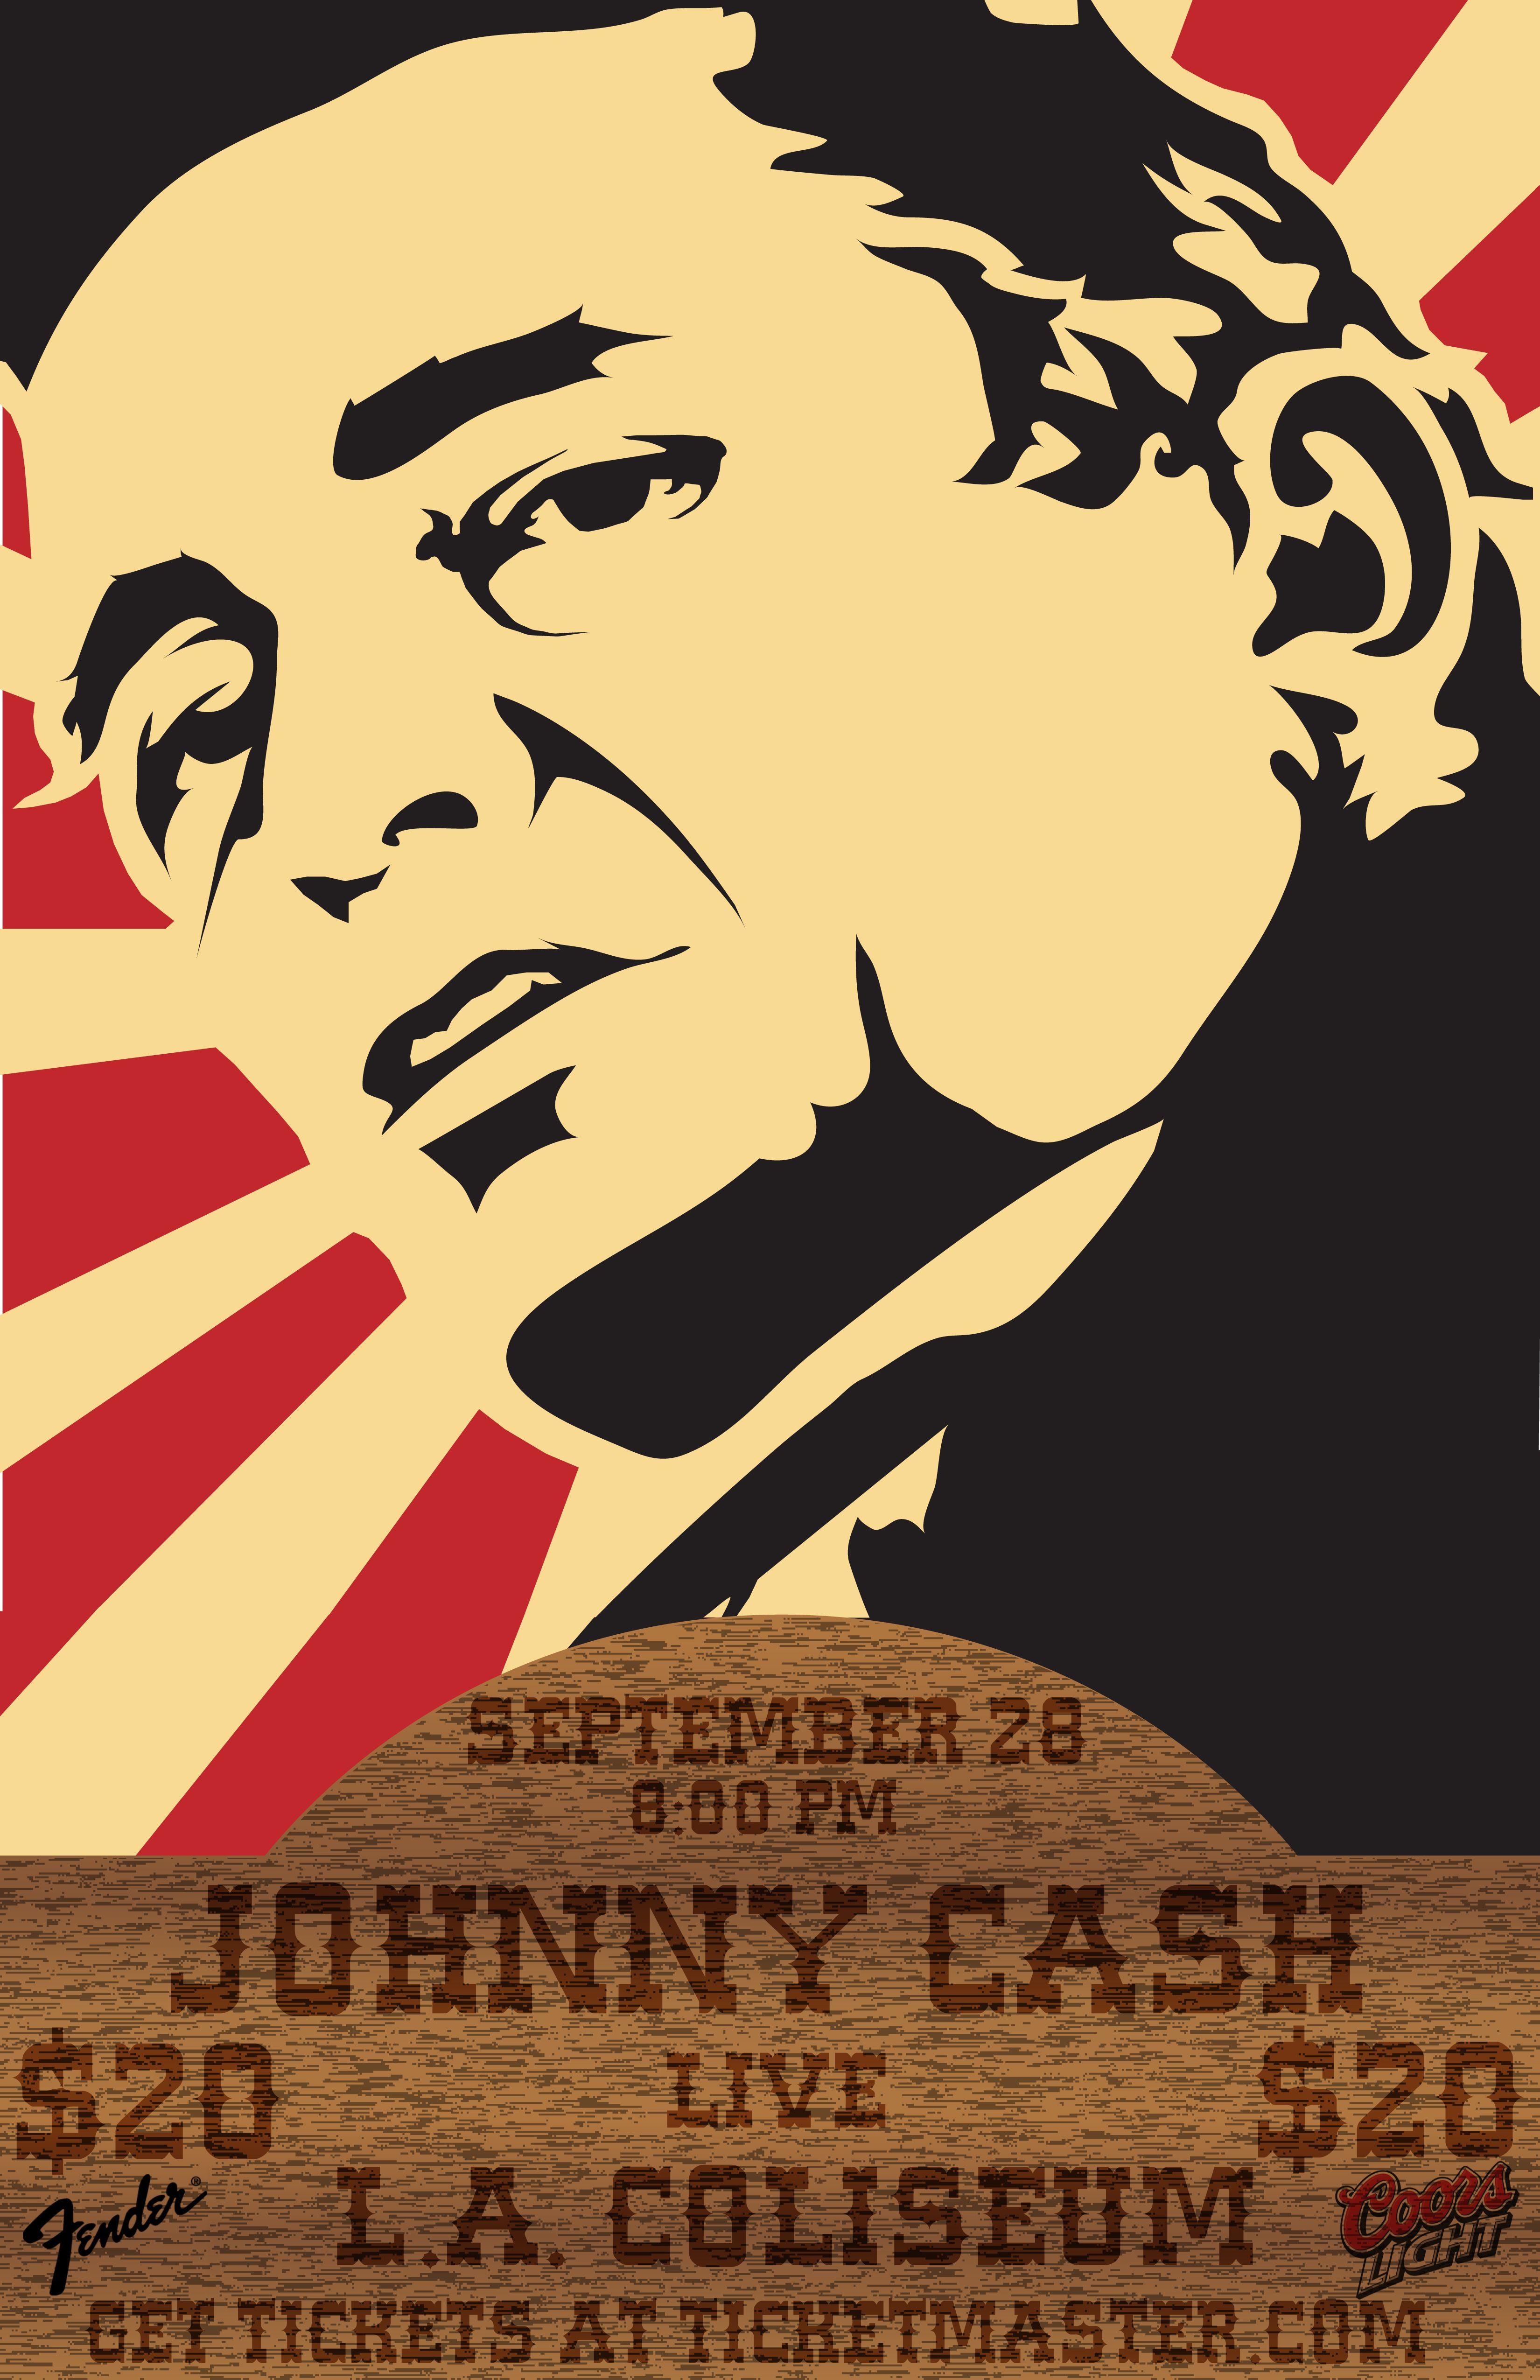 j-cash-poster.jpg (3300×5100)